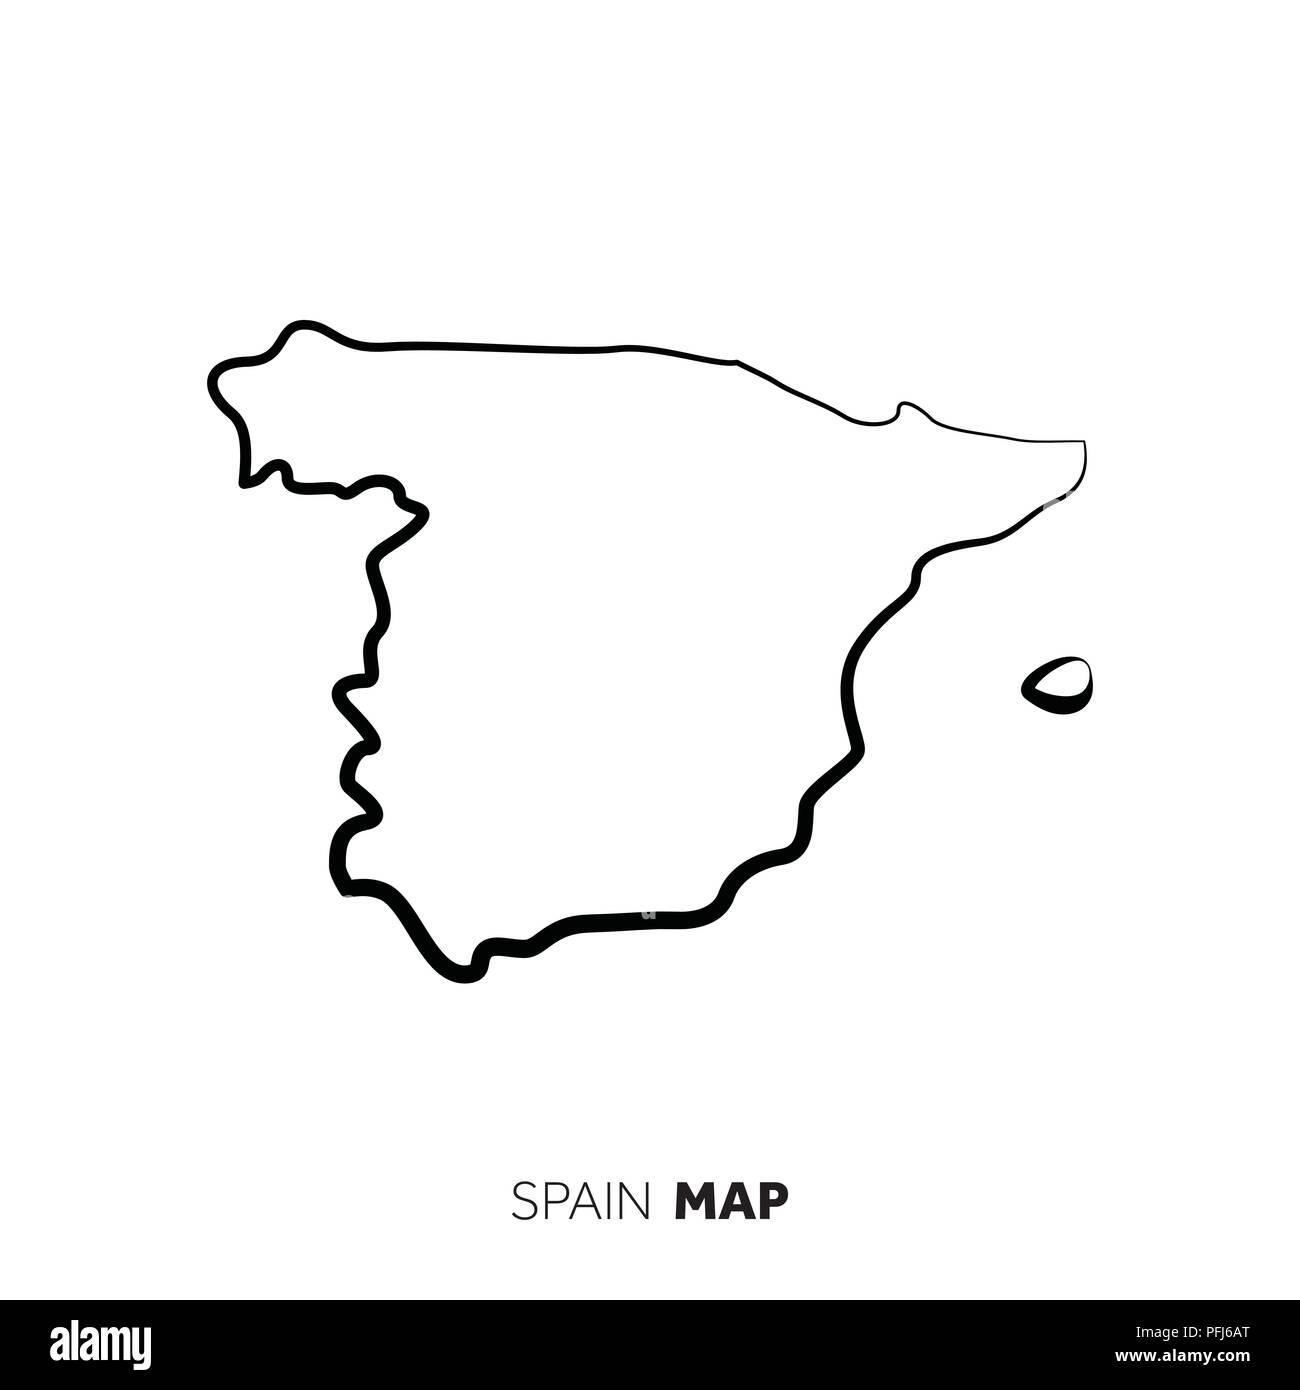 Carte Espagne Hors Ligne.Vecteur De L Espagne Carte Pays Contour Ligne Noire Sur Fond Blanc